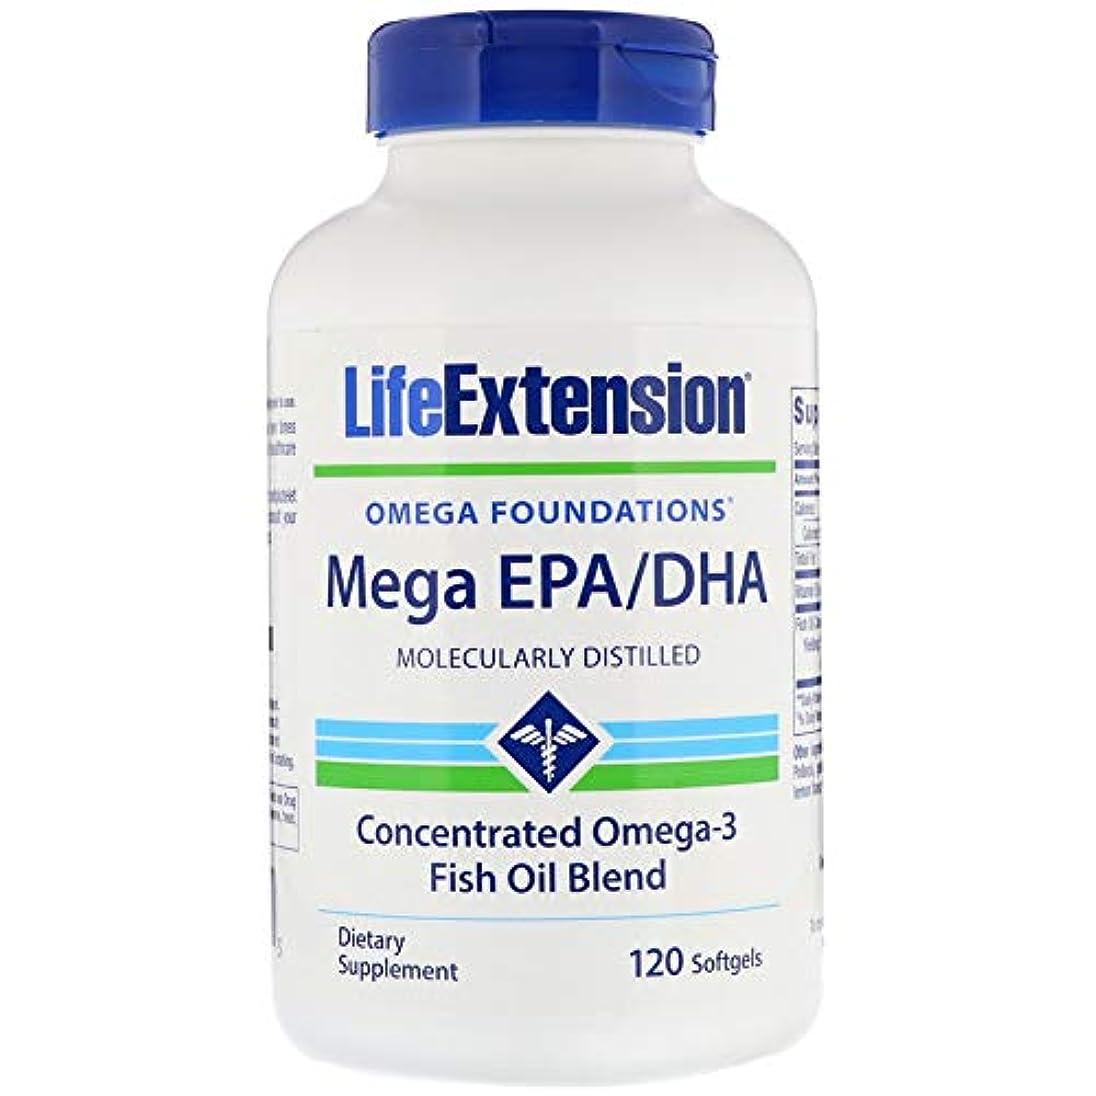 エレクトロニック前奏曲漏斗メガ EPA/DHA600 mg含有/粒 120粒ソフトジェルカプセル 海外直送品